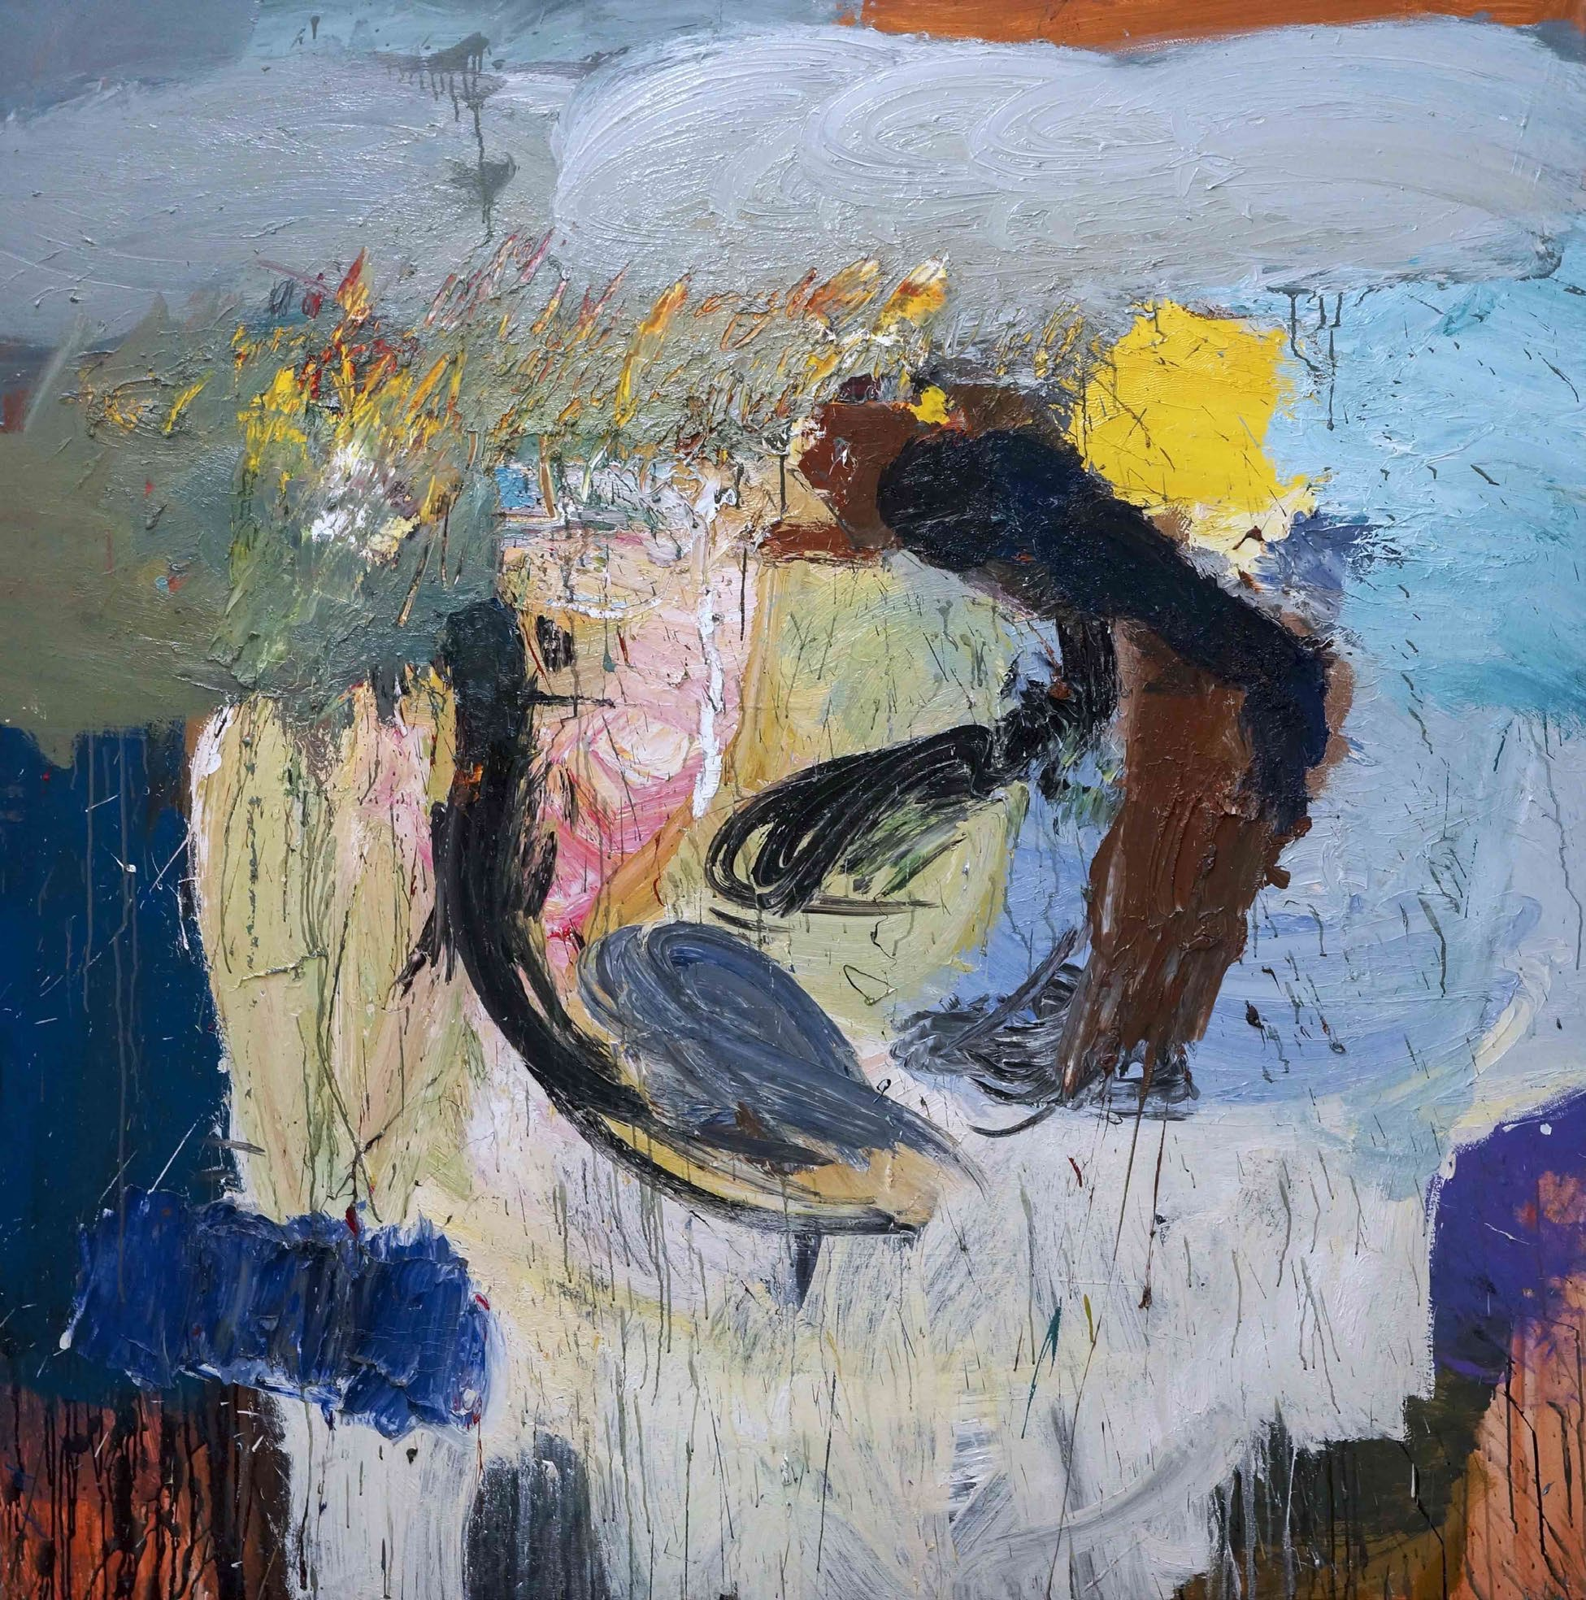 Reynier Ferrer Guarijo, 2017 Mixed media on canvas 183 x 183 cm | 12 x 72 in.